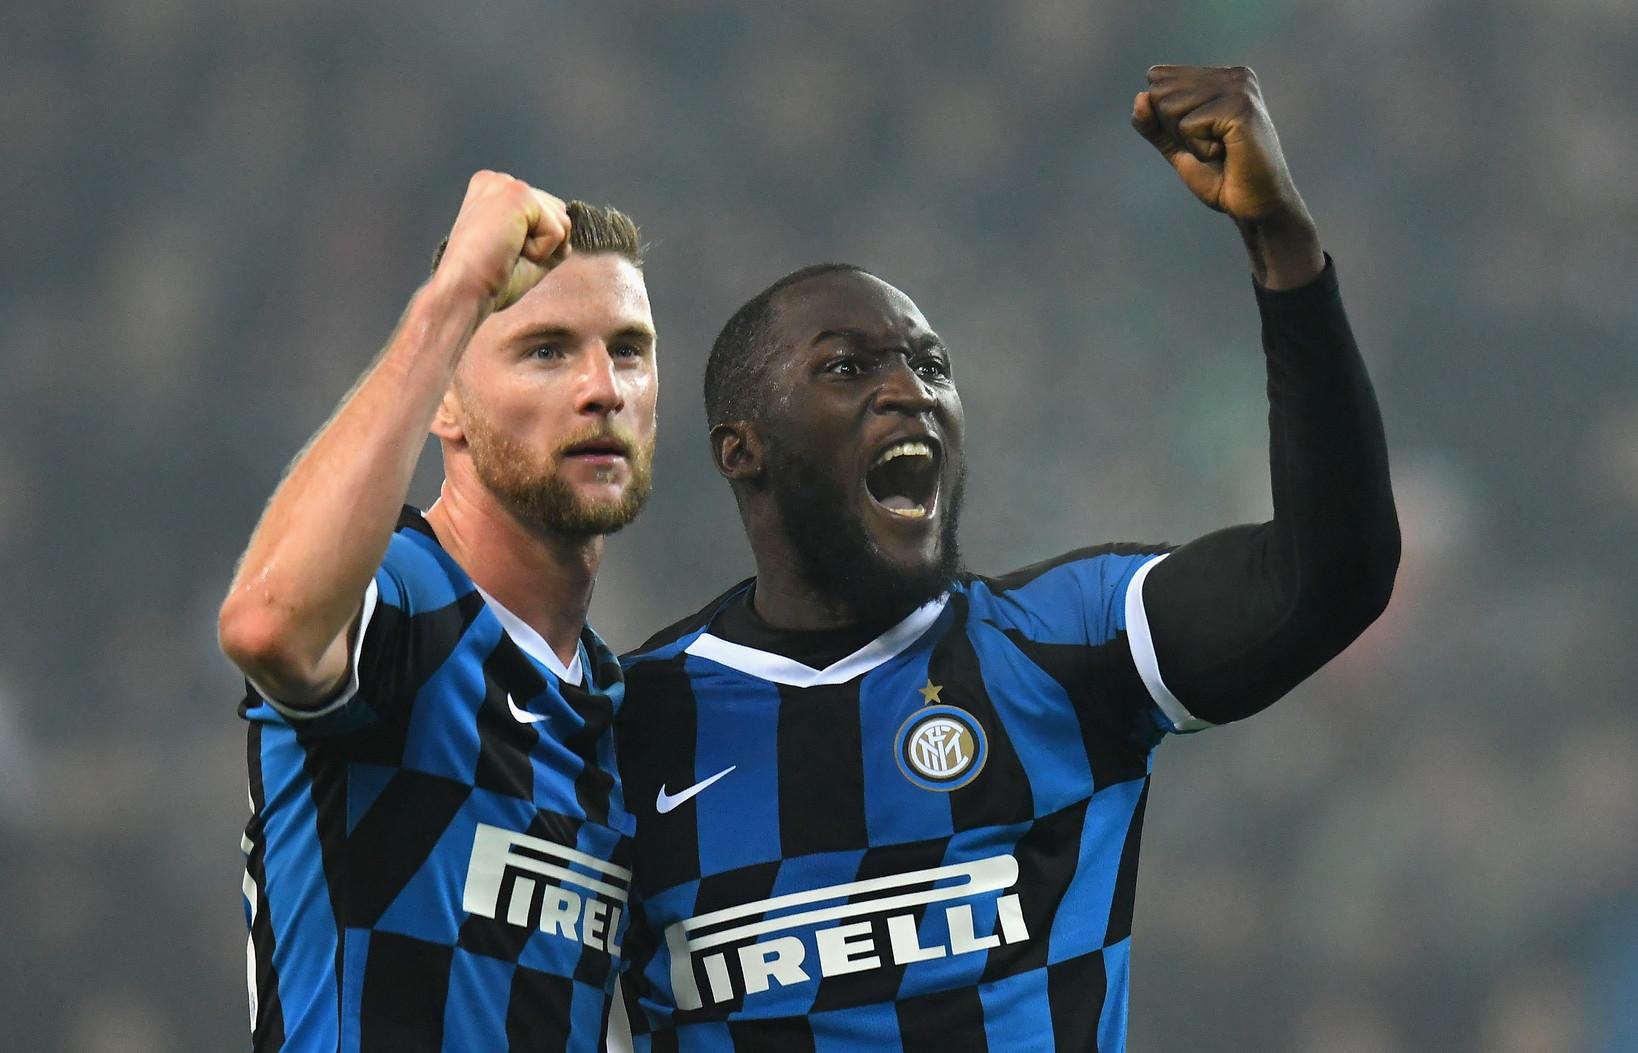 Una doppietta di Romelu Lukaku stende l'Udinese e consente all'Inter di tornare alla vittoria dopo 3 pareggi di fila